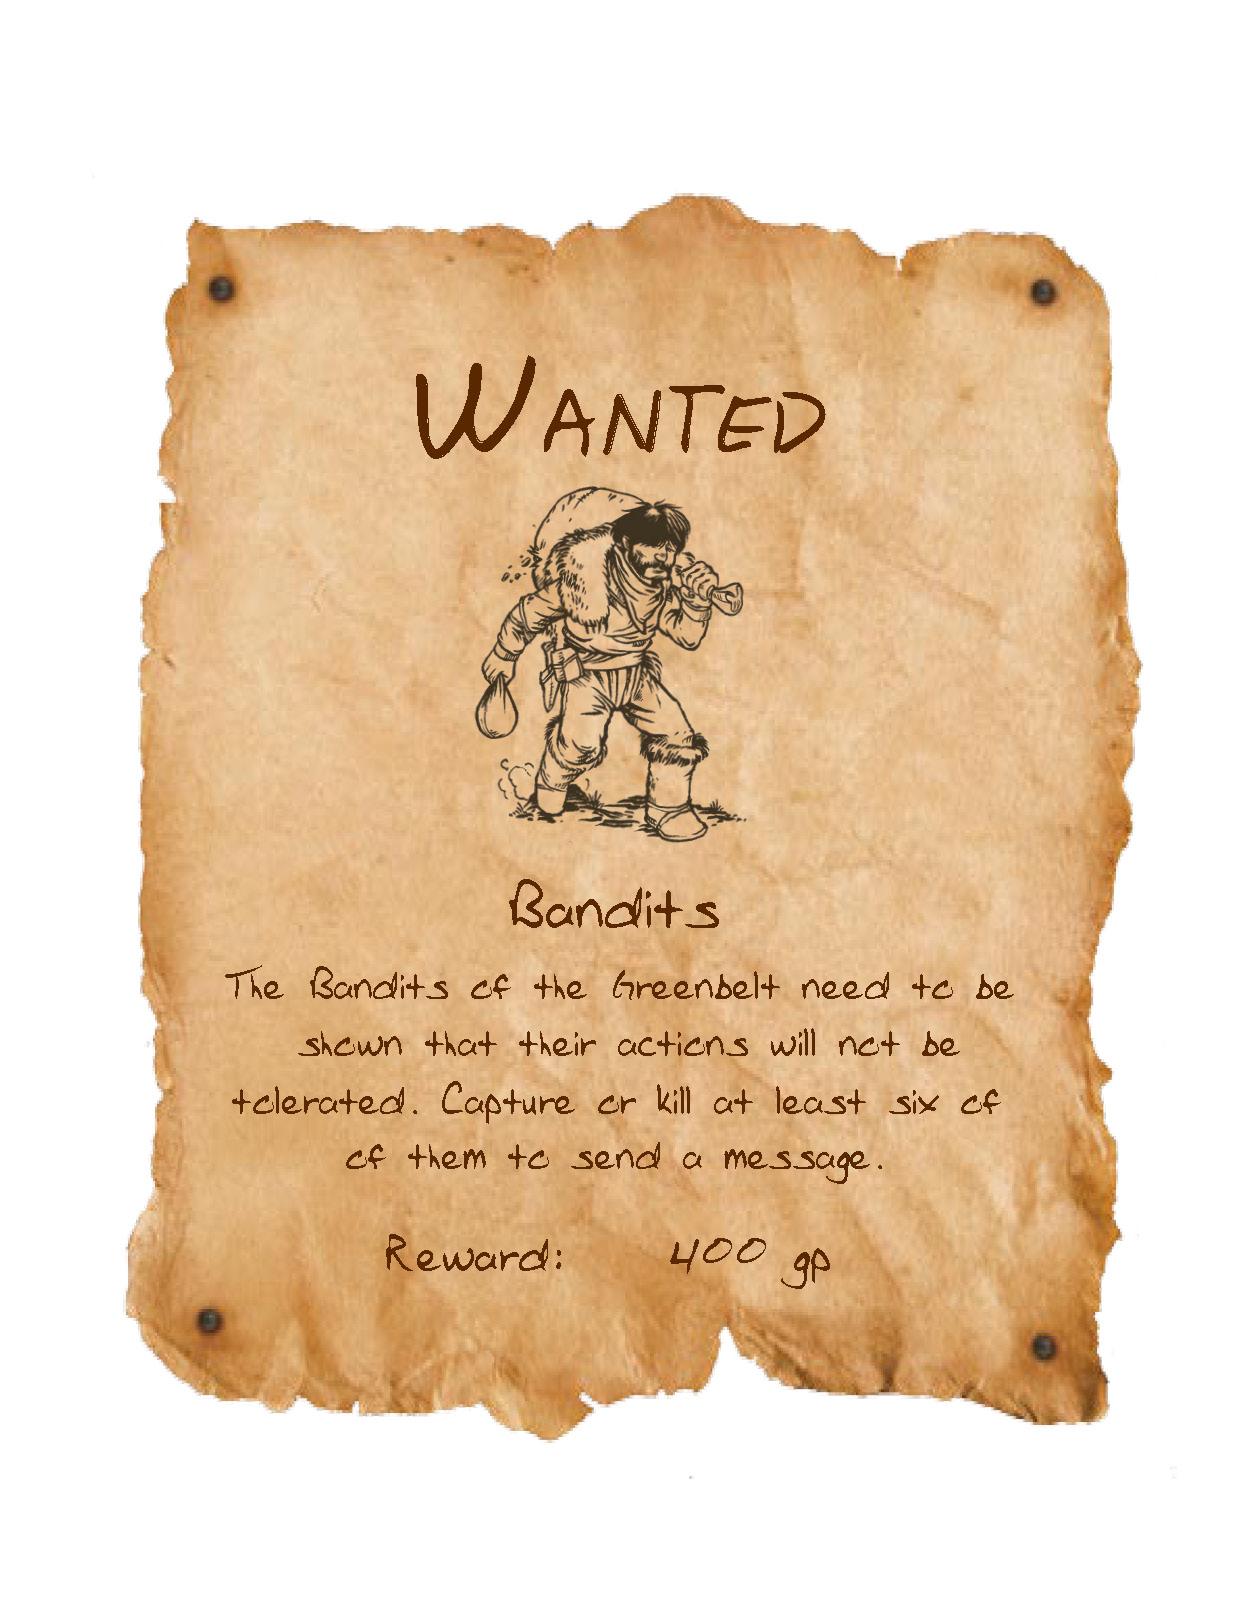 Wanted_Bandits.jpg